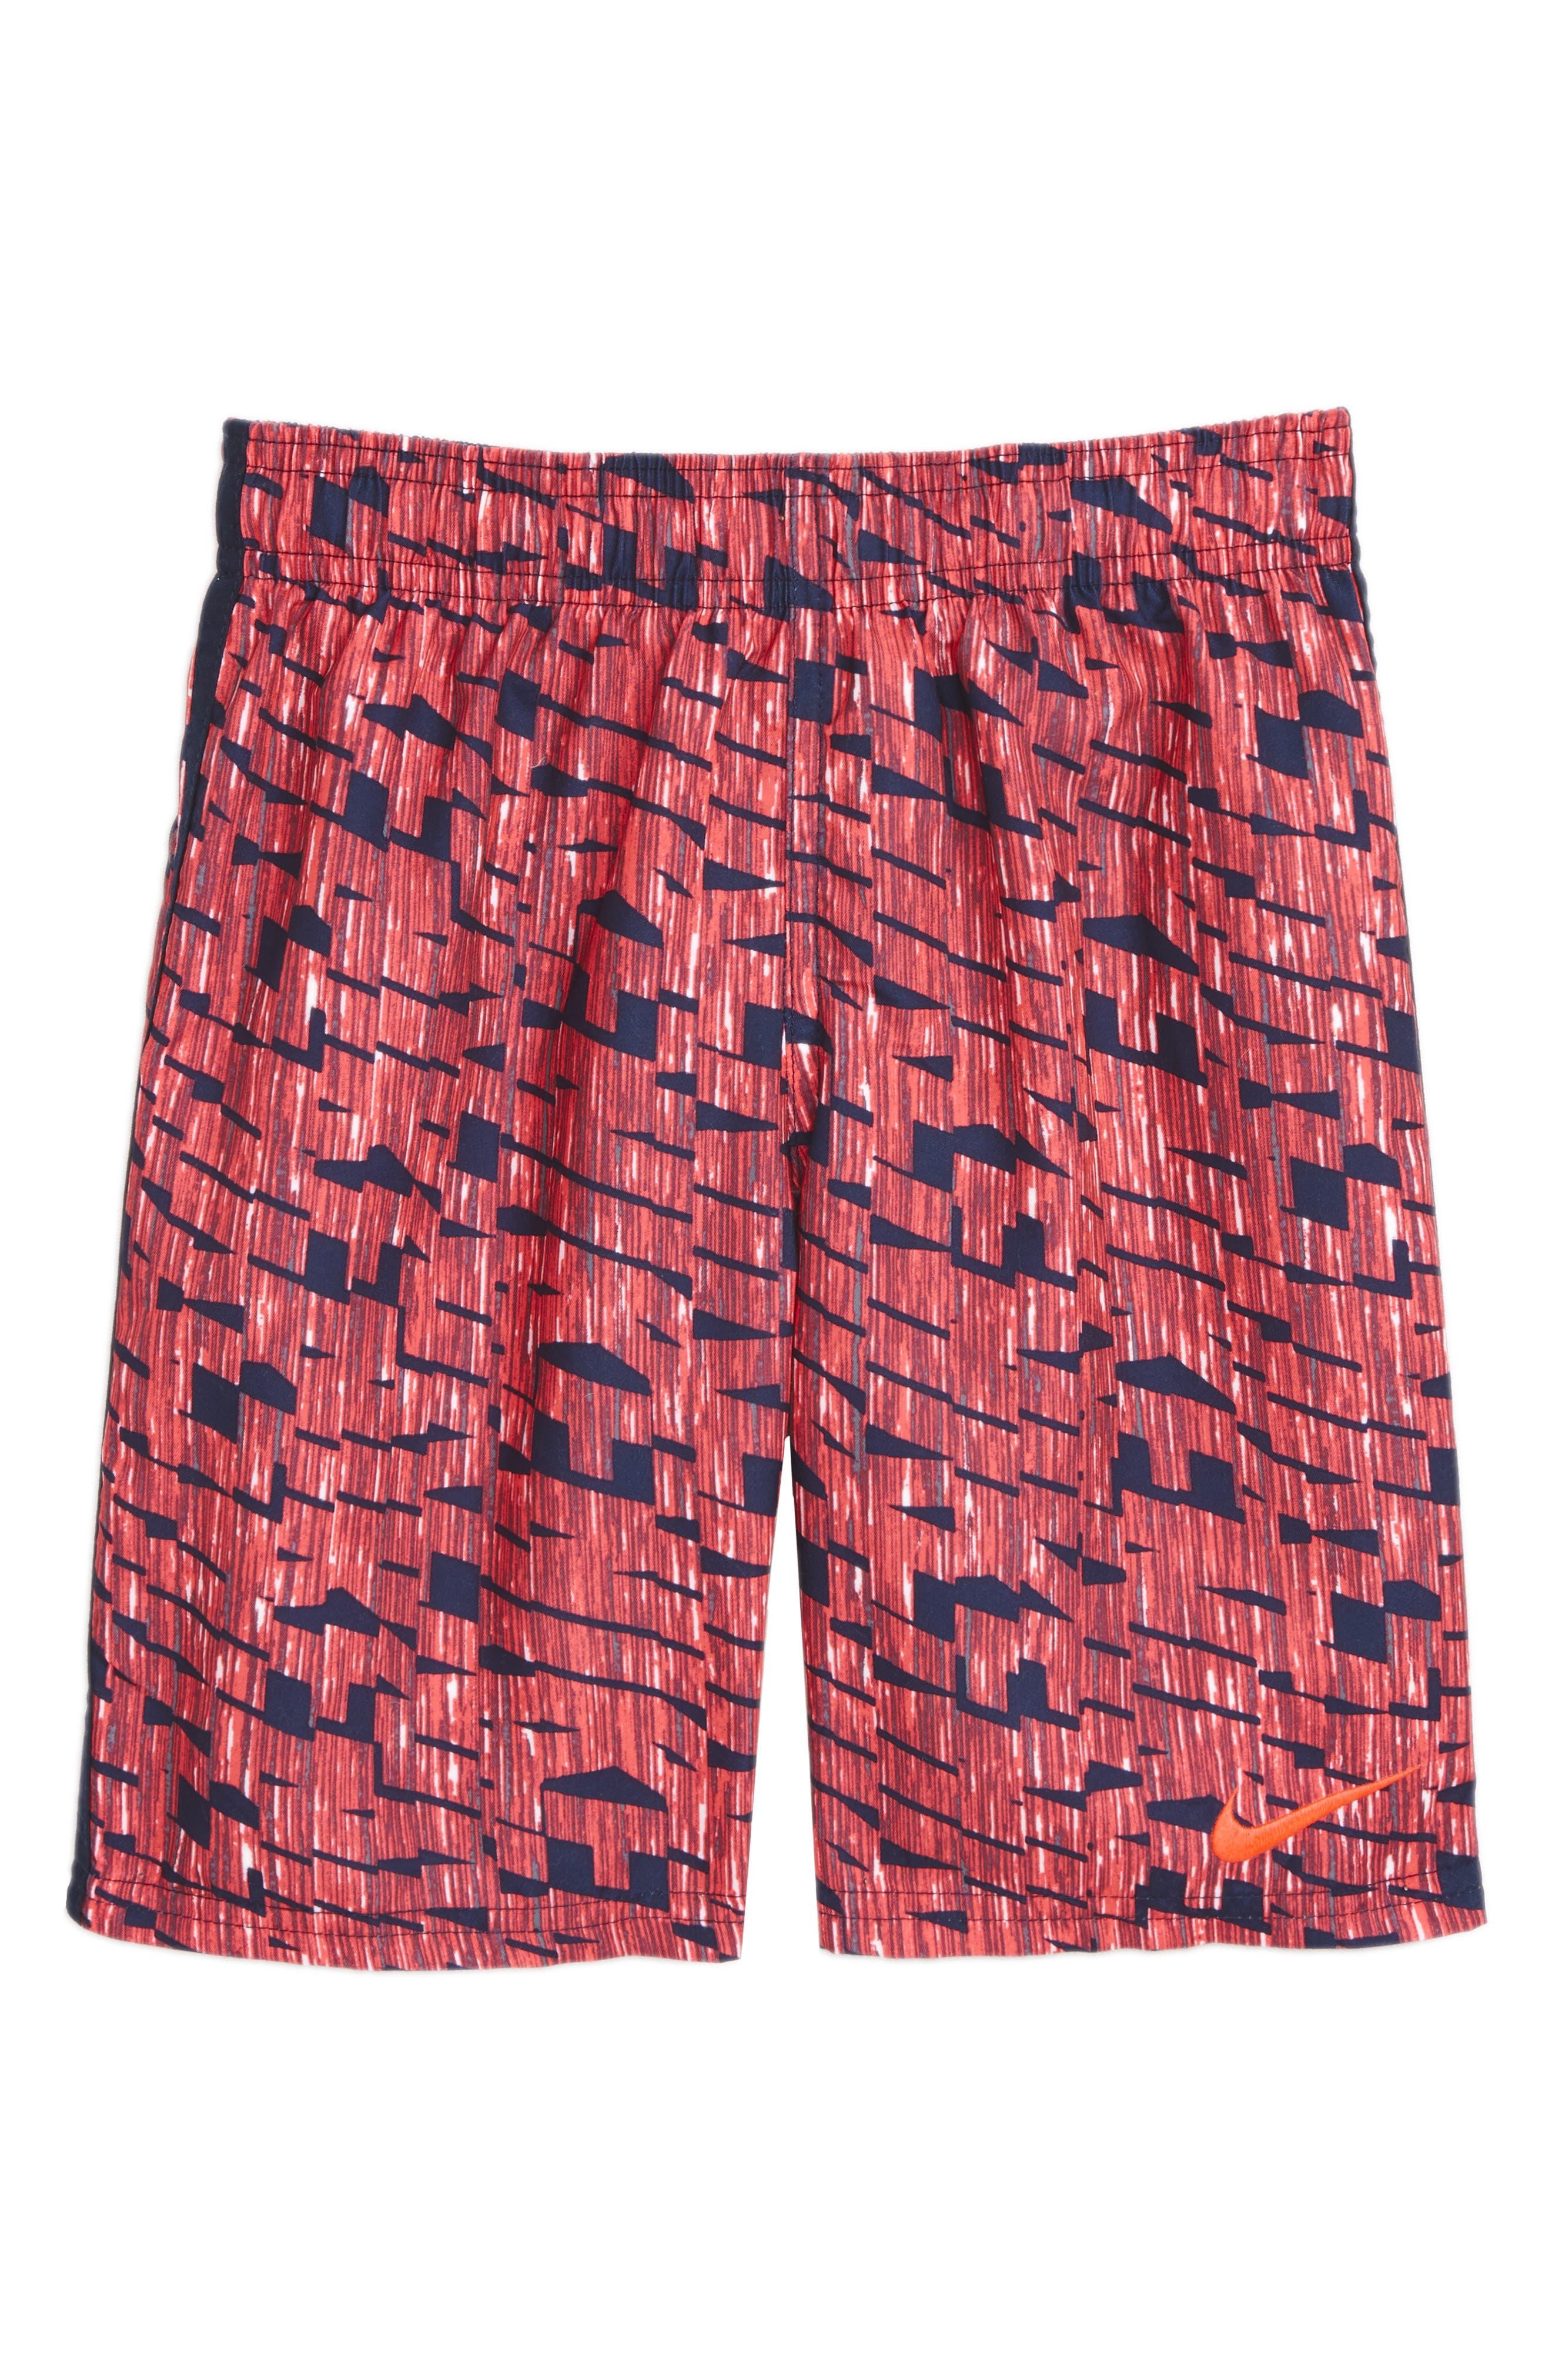 Diverge Board Shorts,                             Main thumbnail 2, color,